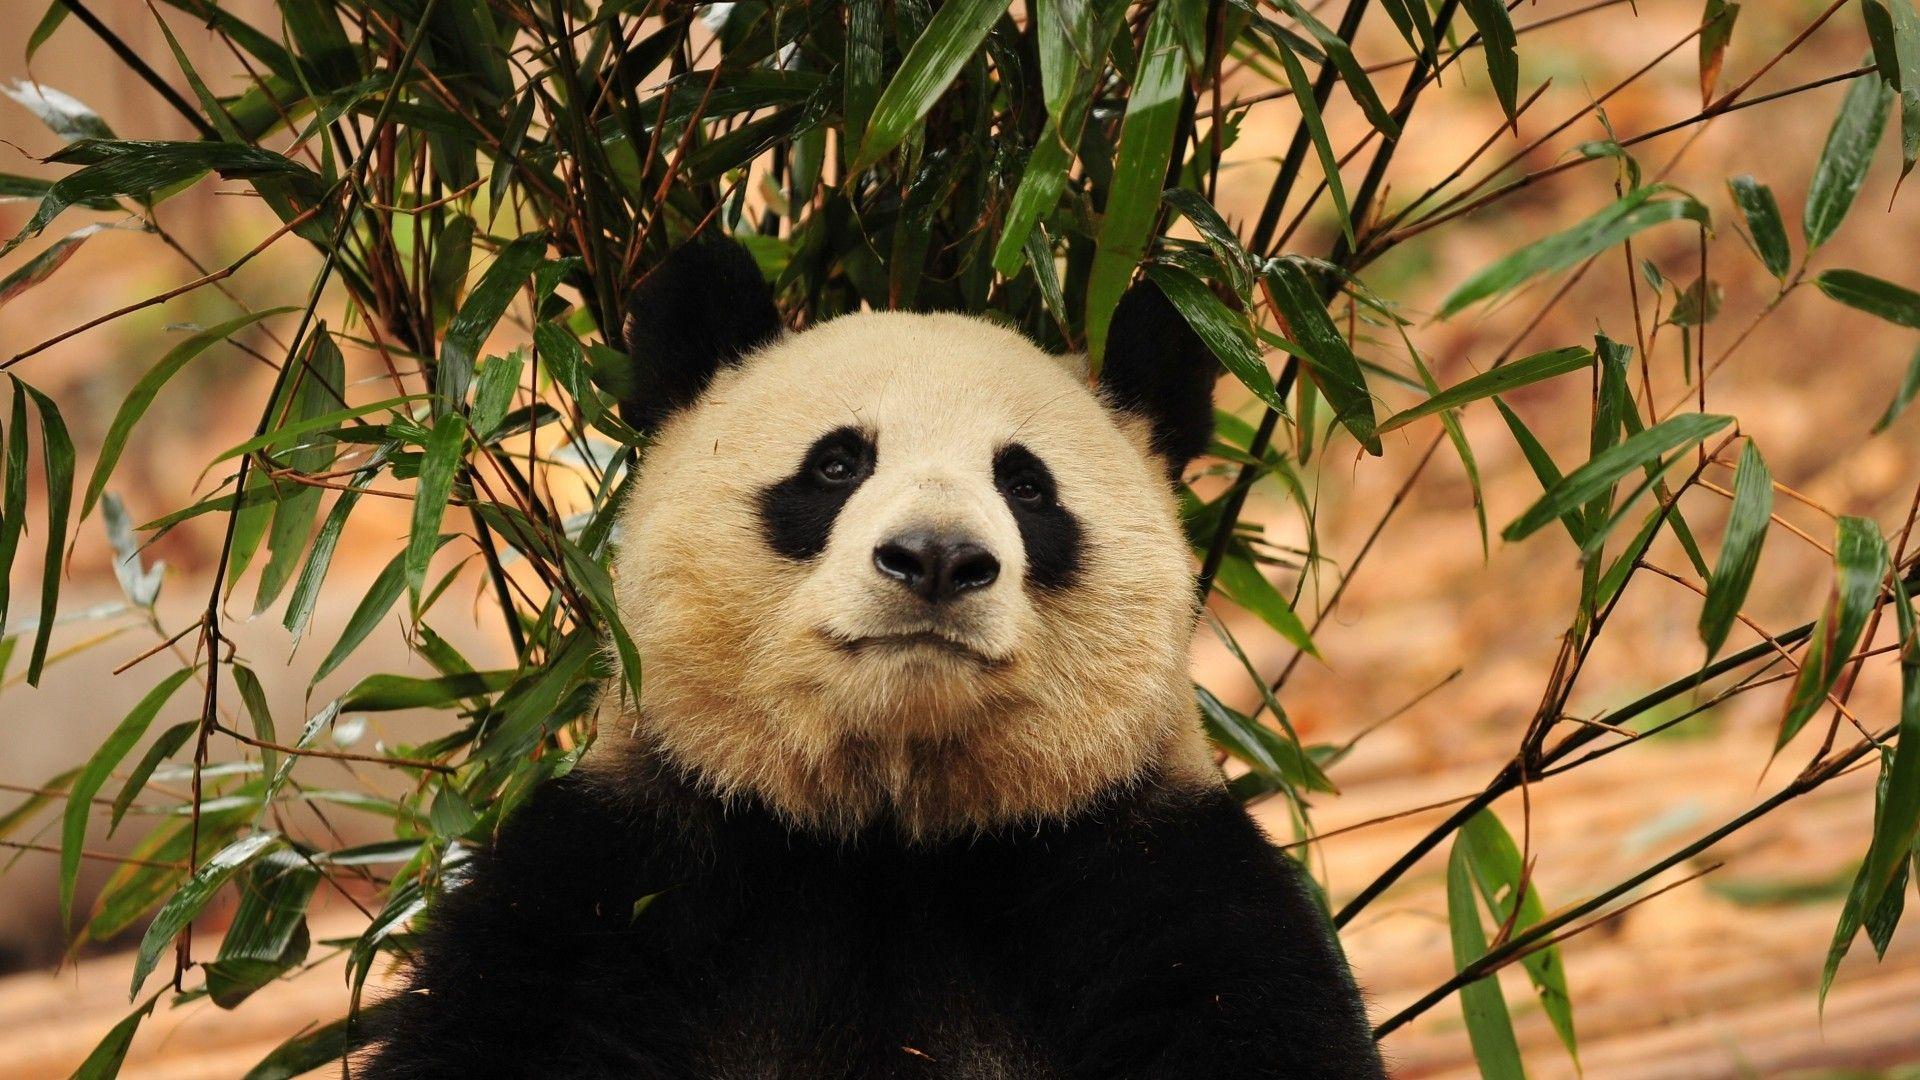 Panda On Bamboo Photos